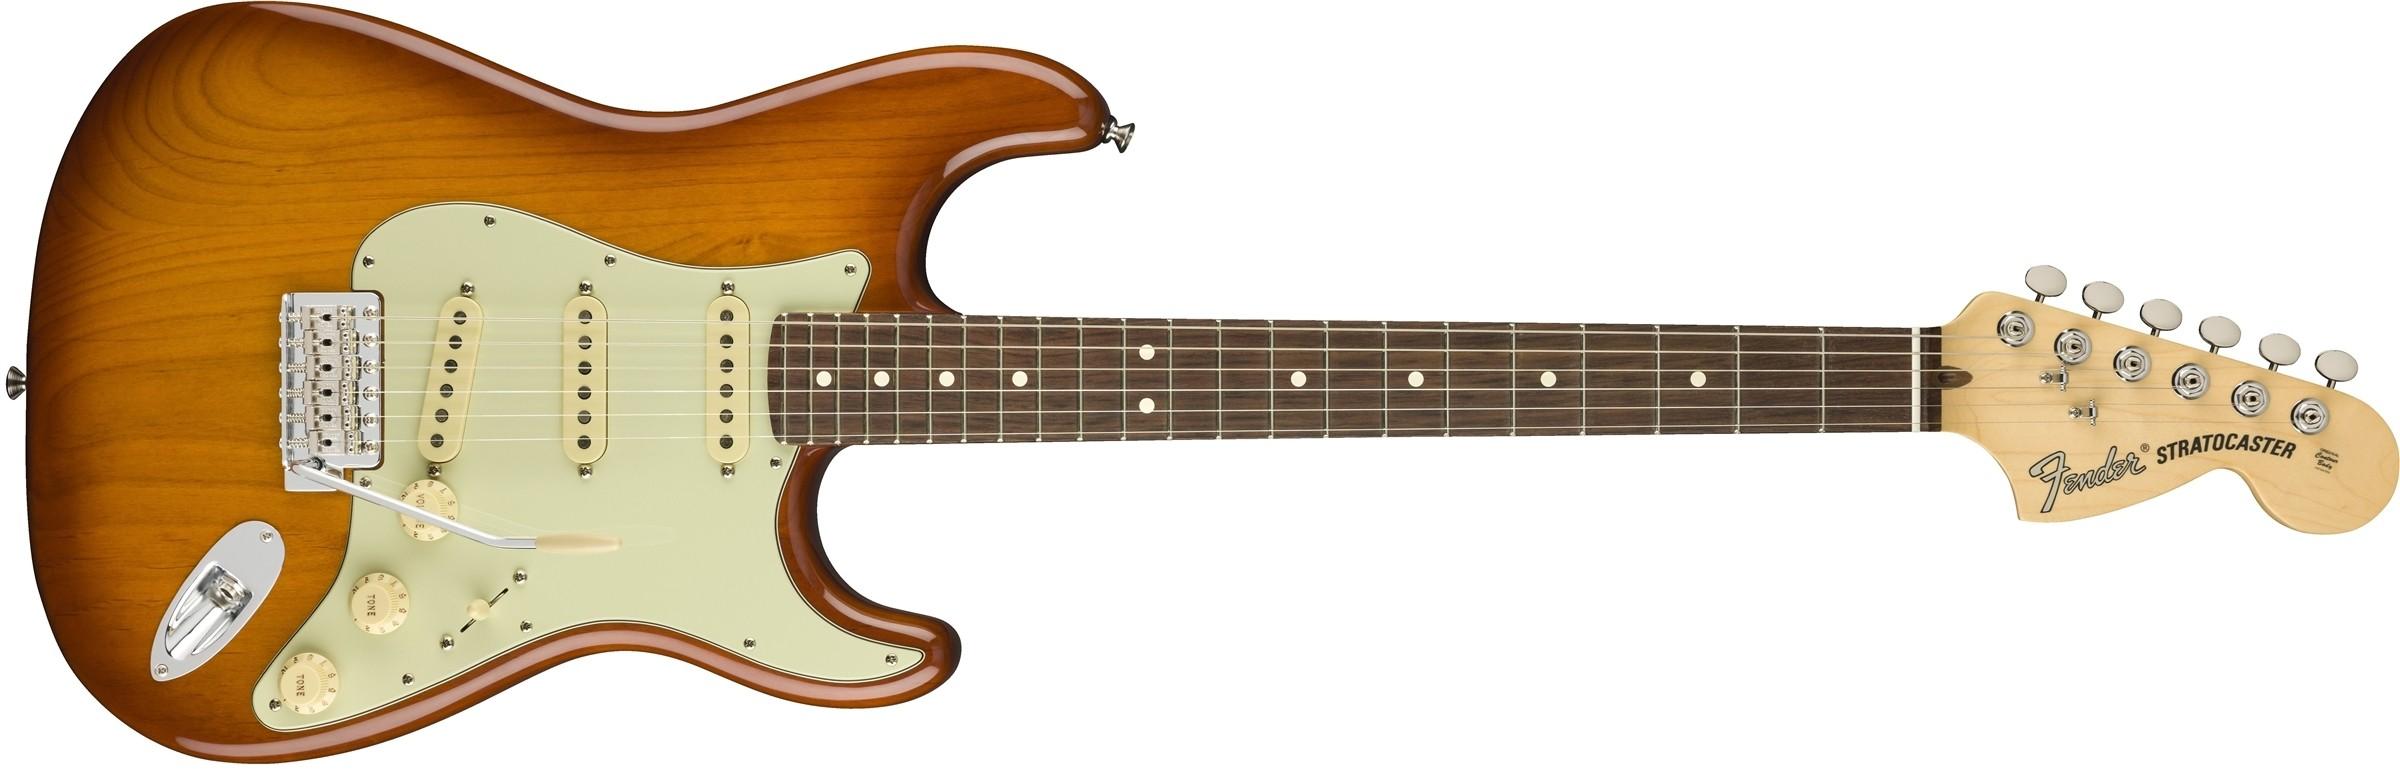 Fender American Performer Stratocaster - Honey Burst - Rosewood